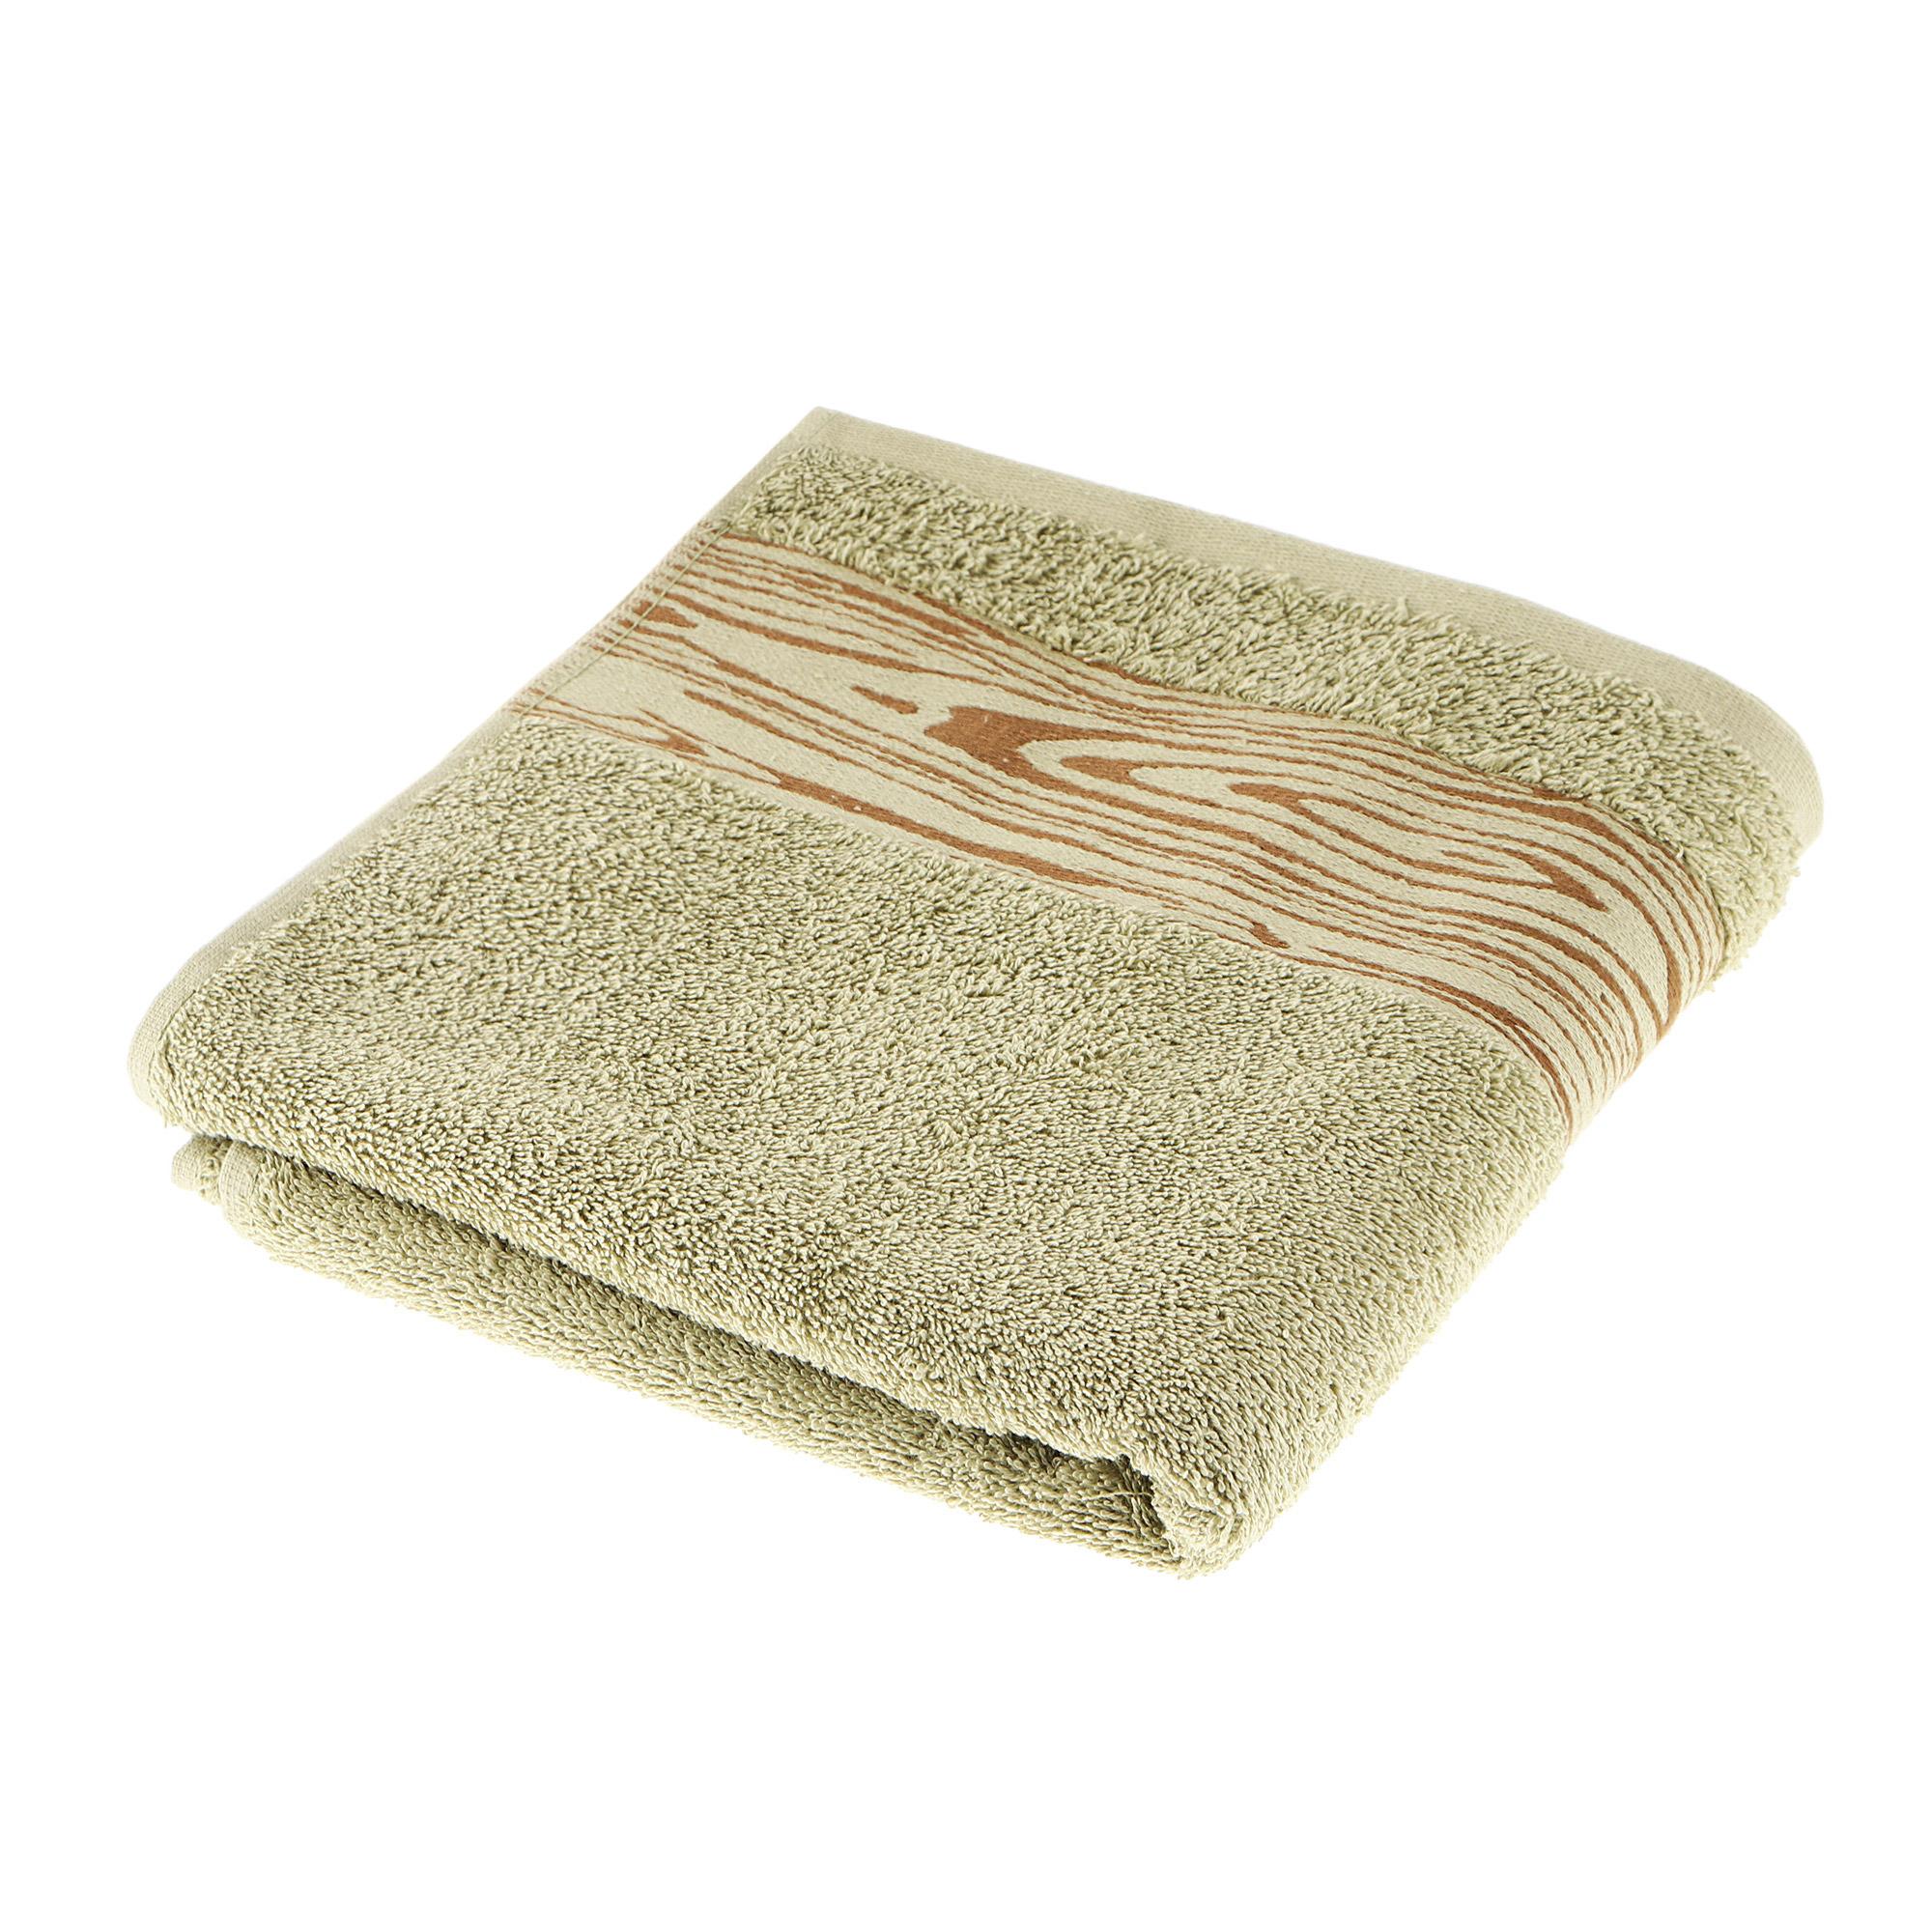 Полотенце махровое Asil wood 70x140 green полотенце двустороннее asil powder 70x140 см